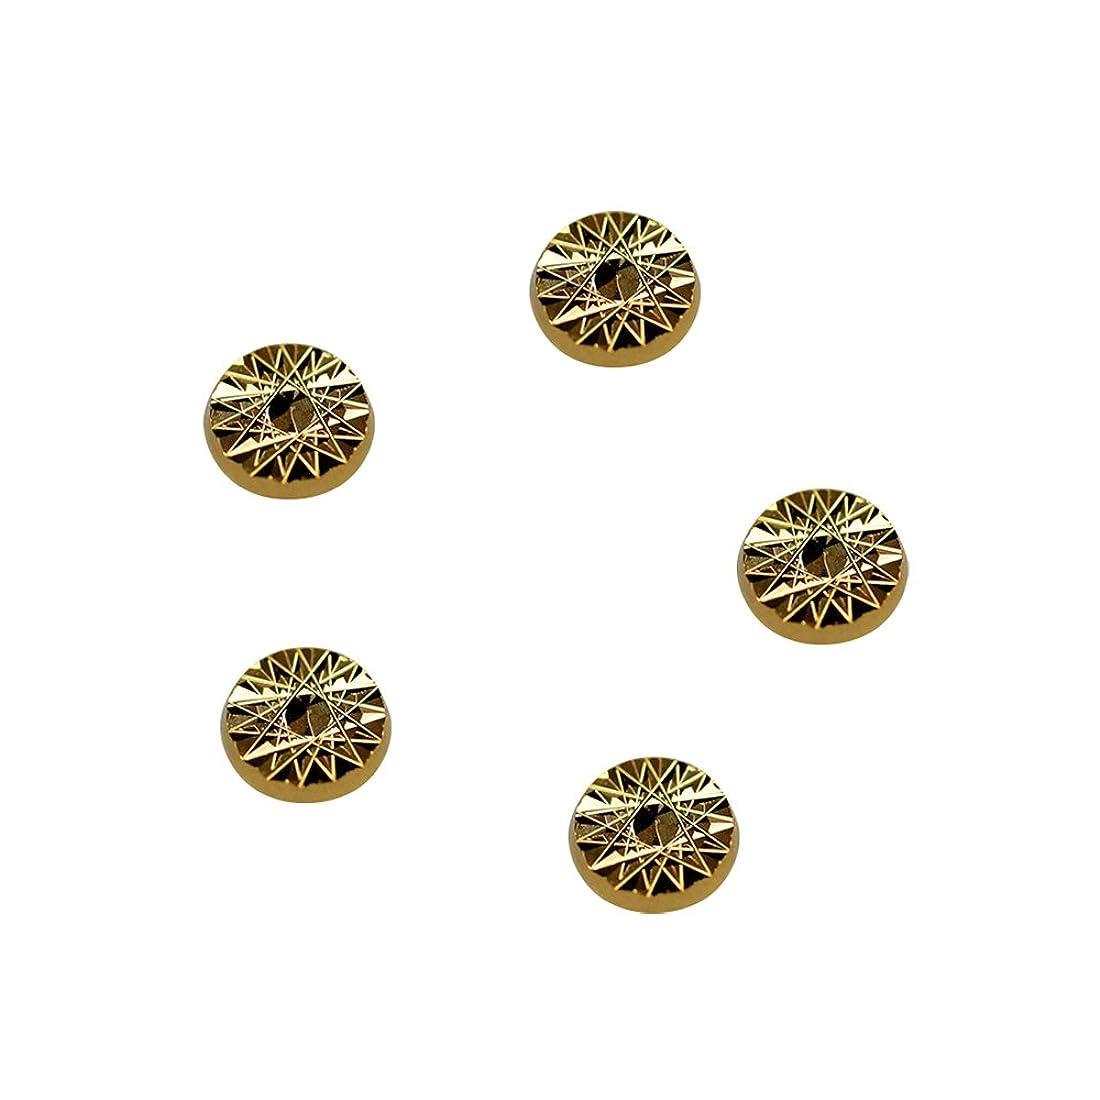 担当者連合ホテルBonnail サンシャインコイン 3mm